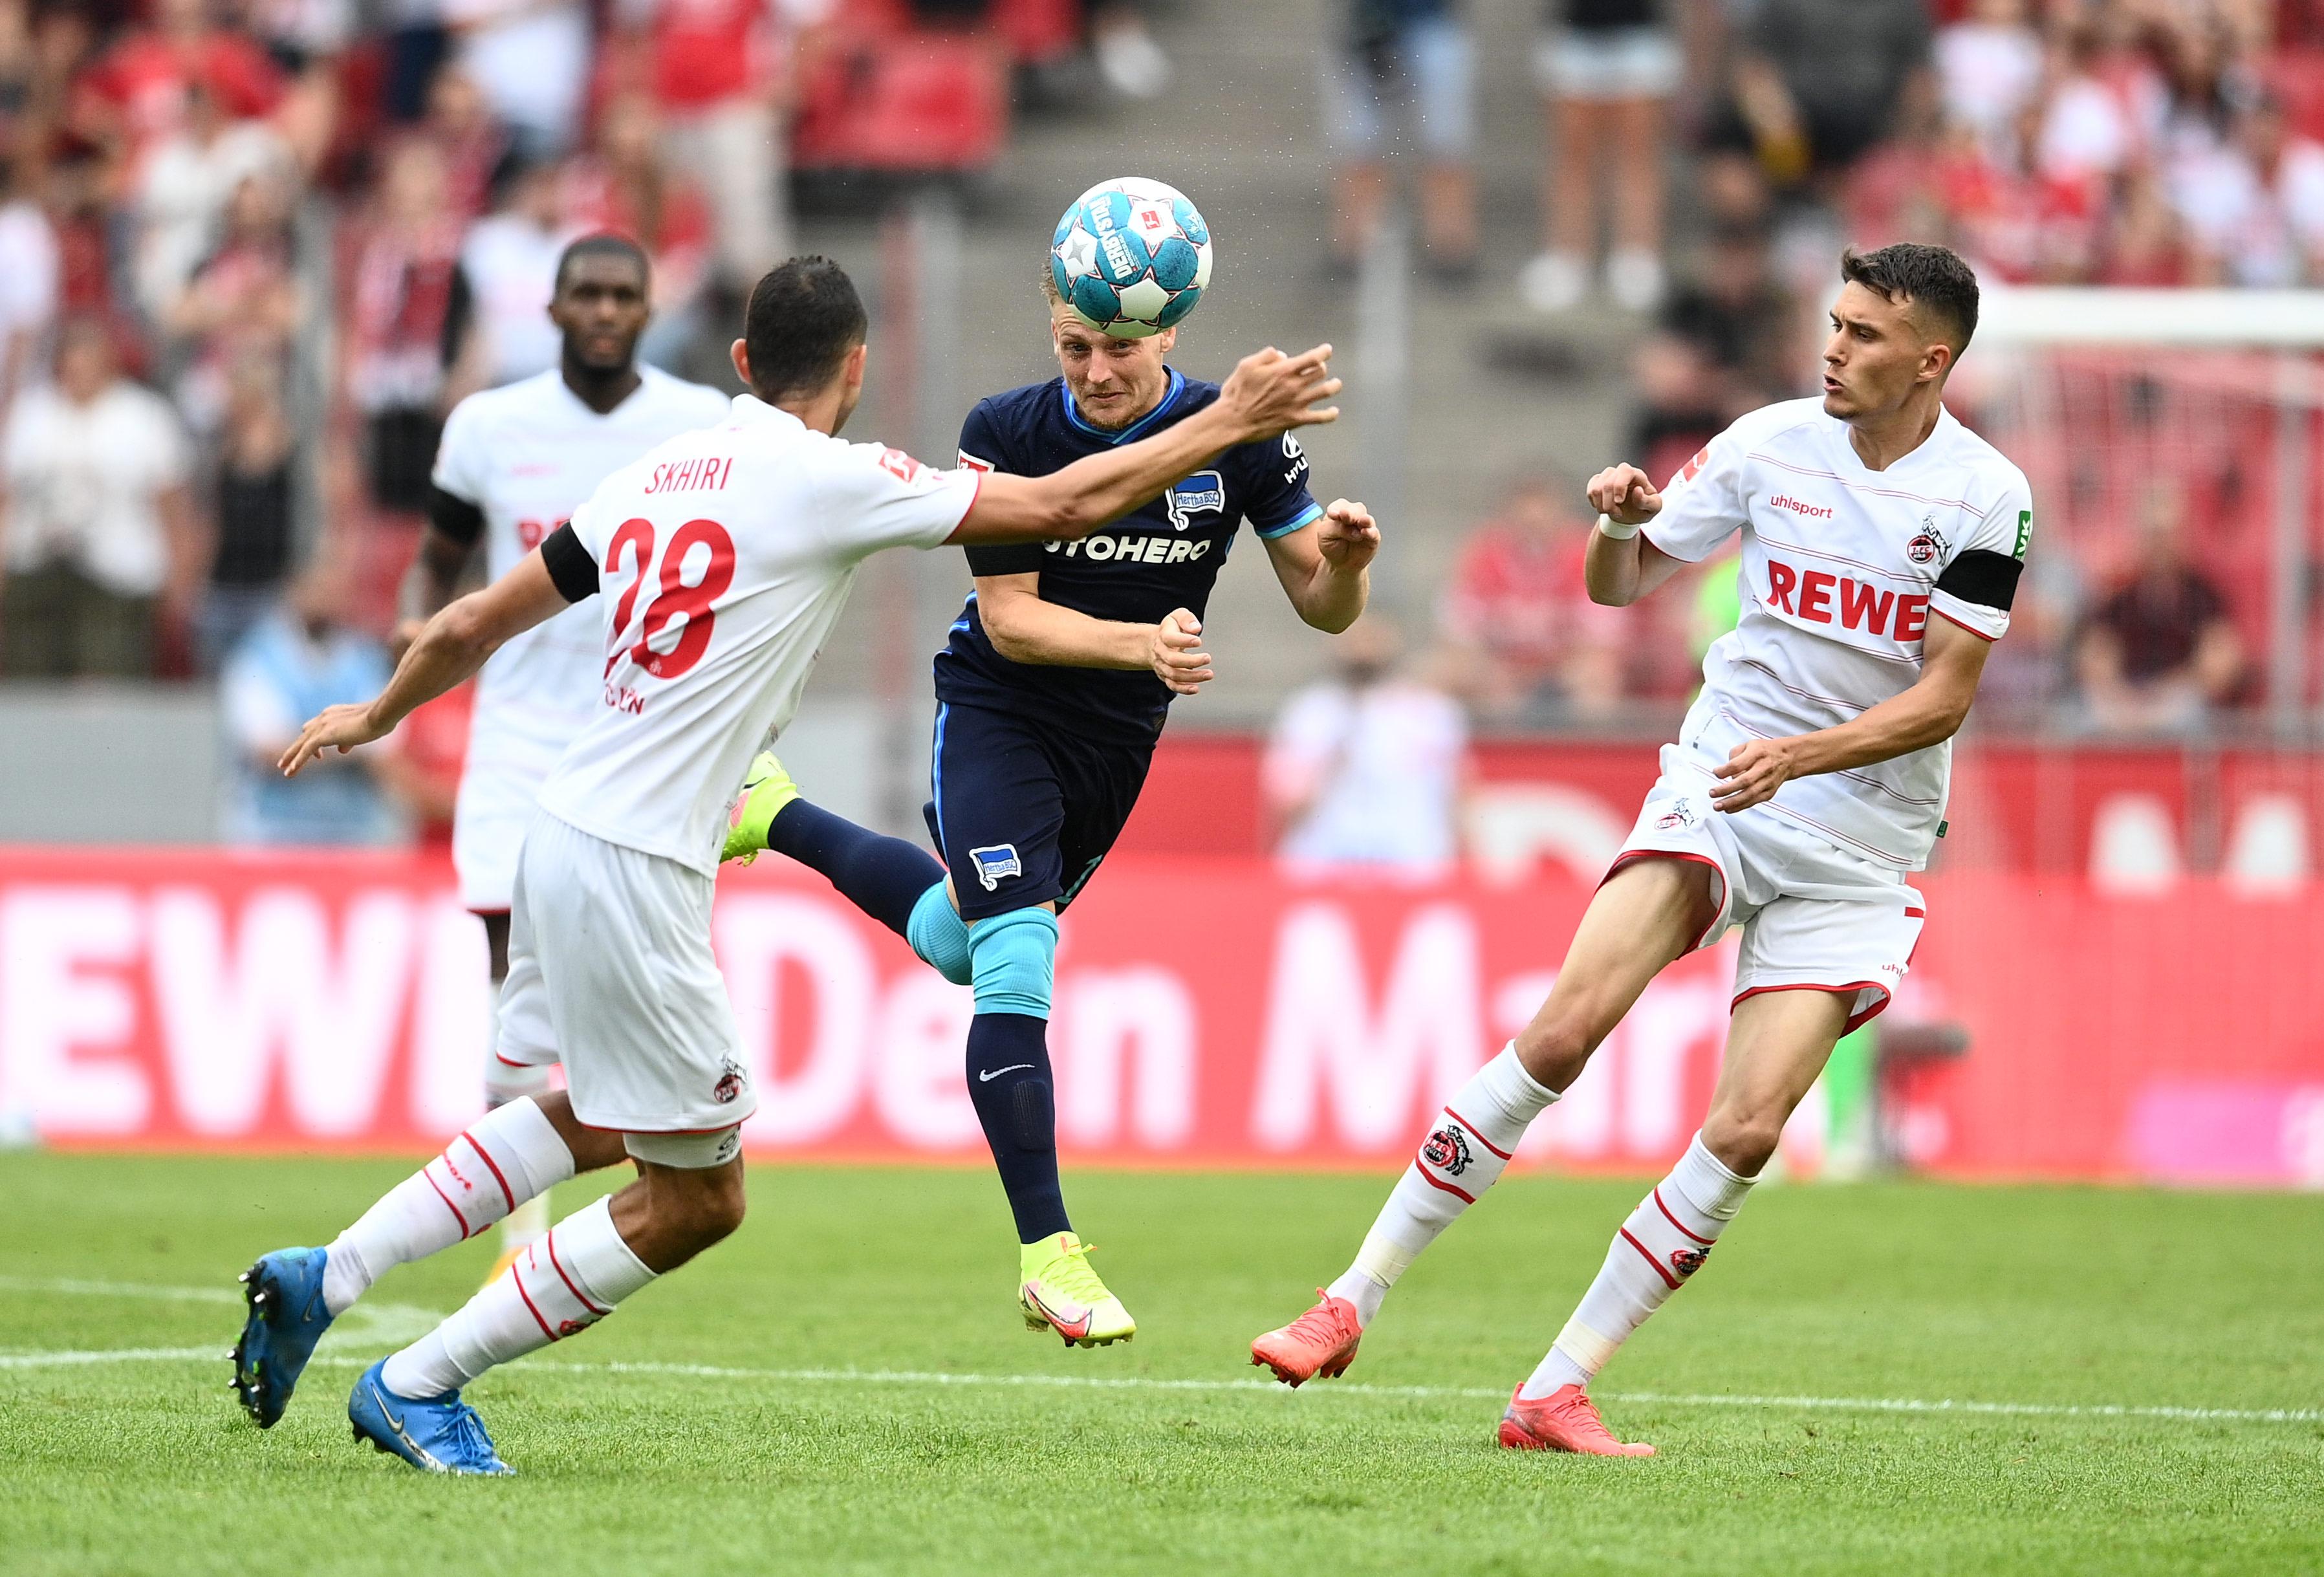 Santiago Ascacíbar en el 1.FC Köln-Hertha BSC